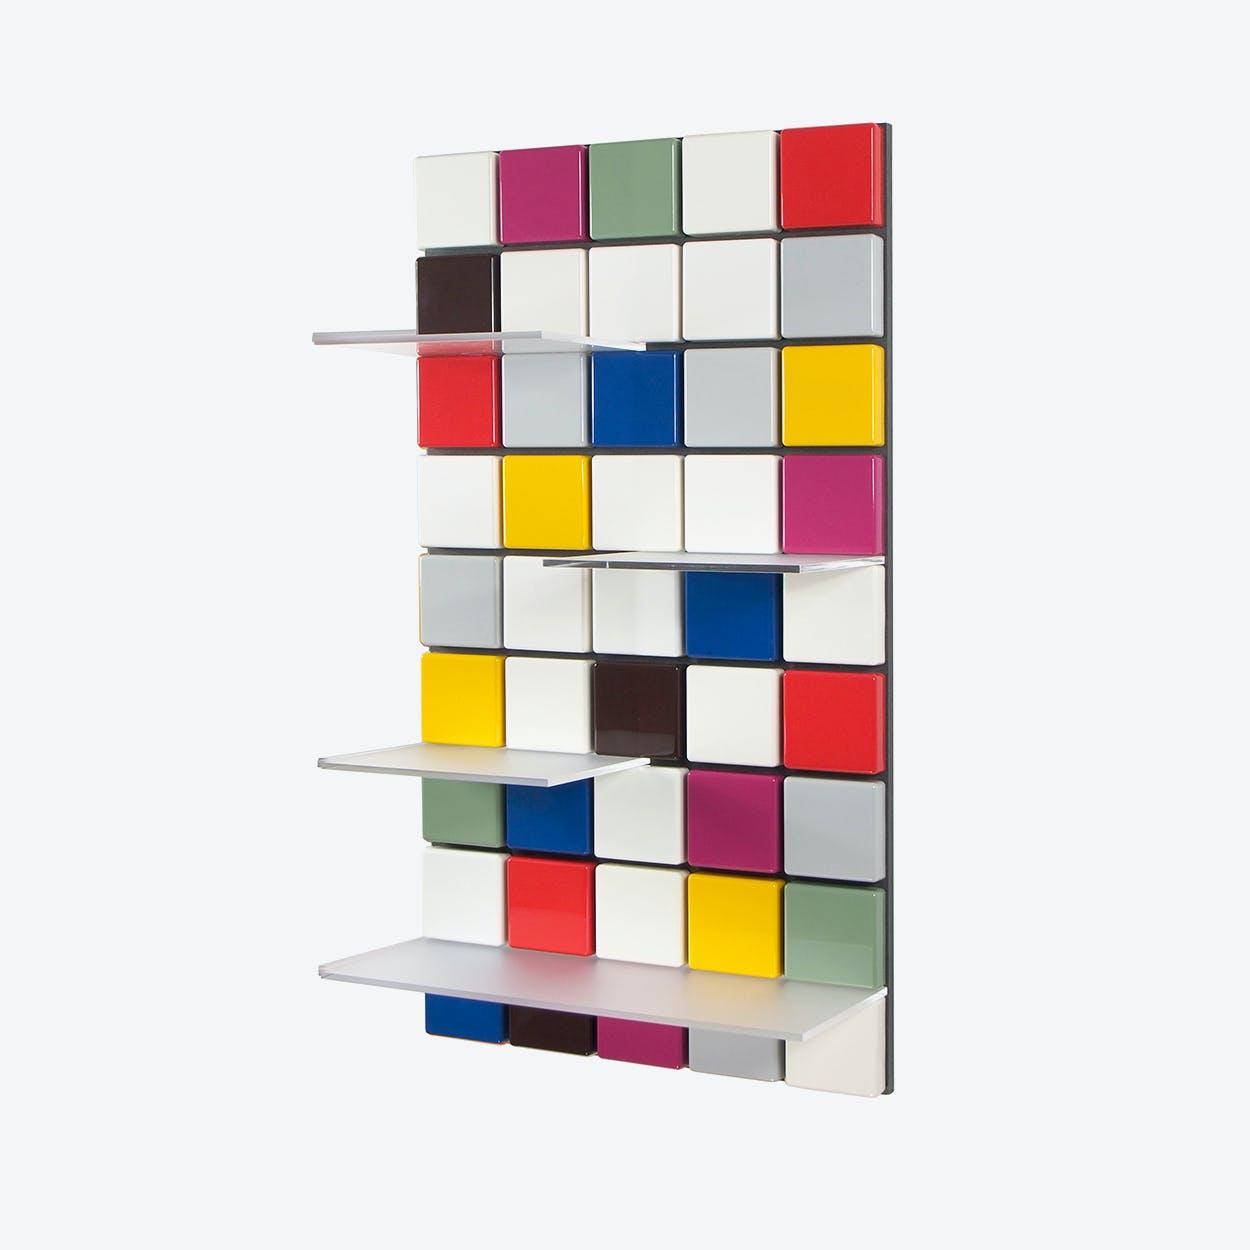 C13 Confetti Shelf System